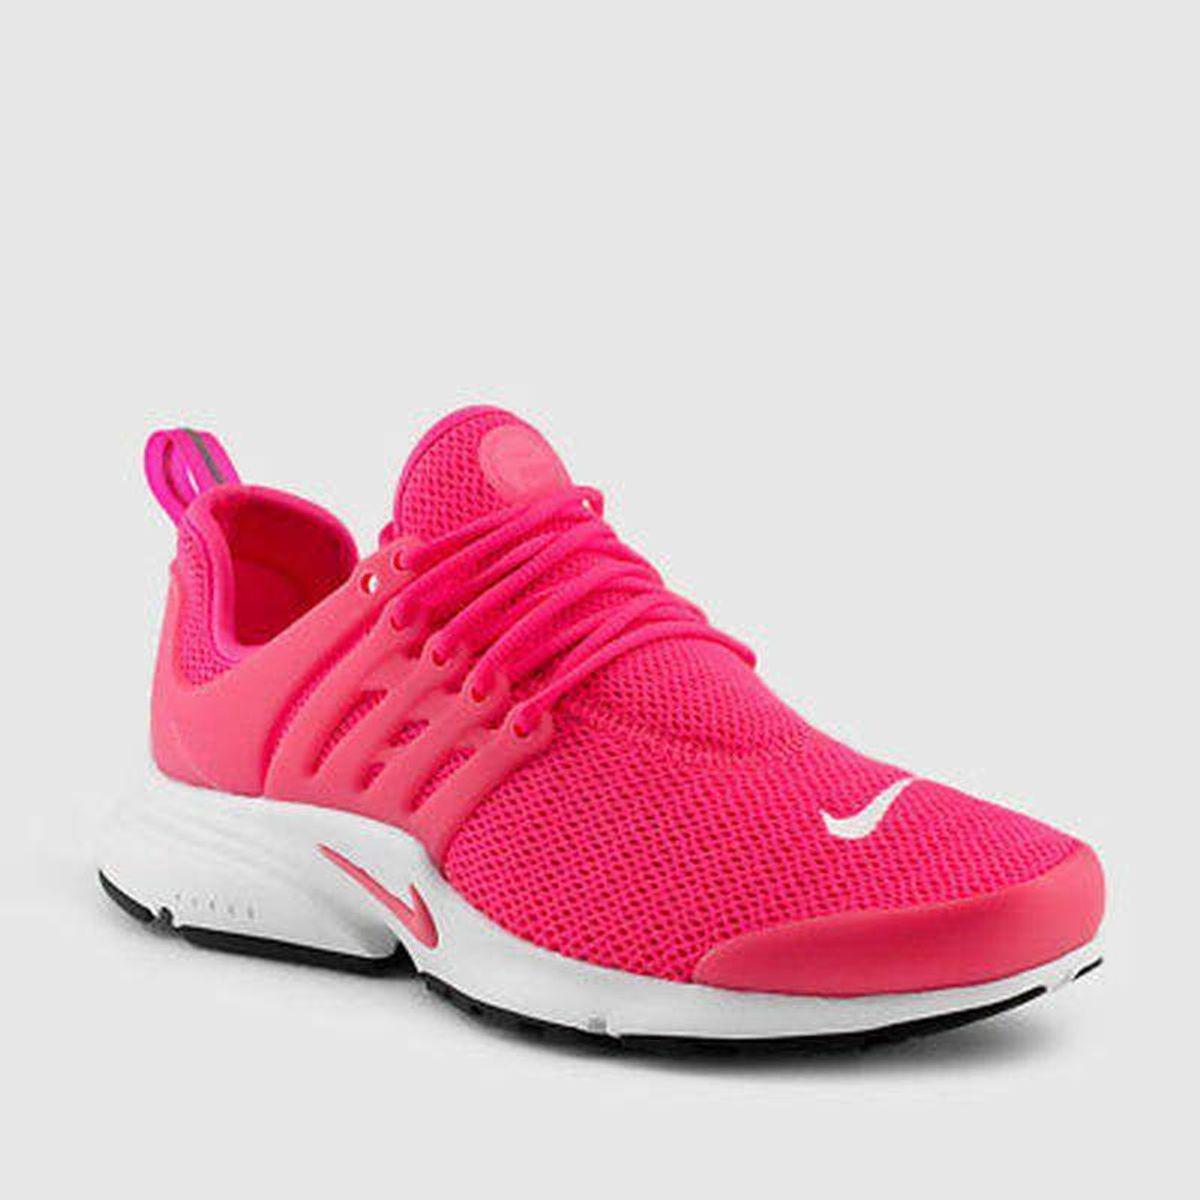 pasillo antiguo Pautas  Tênis Nike Air Presto Rosa Tamanho 37 | Tênis Feminino Nike Nunca Usado  43683277 | enjoei